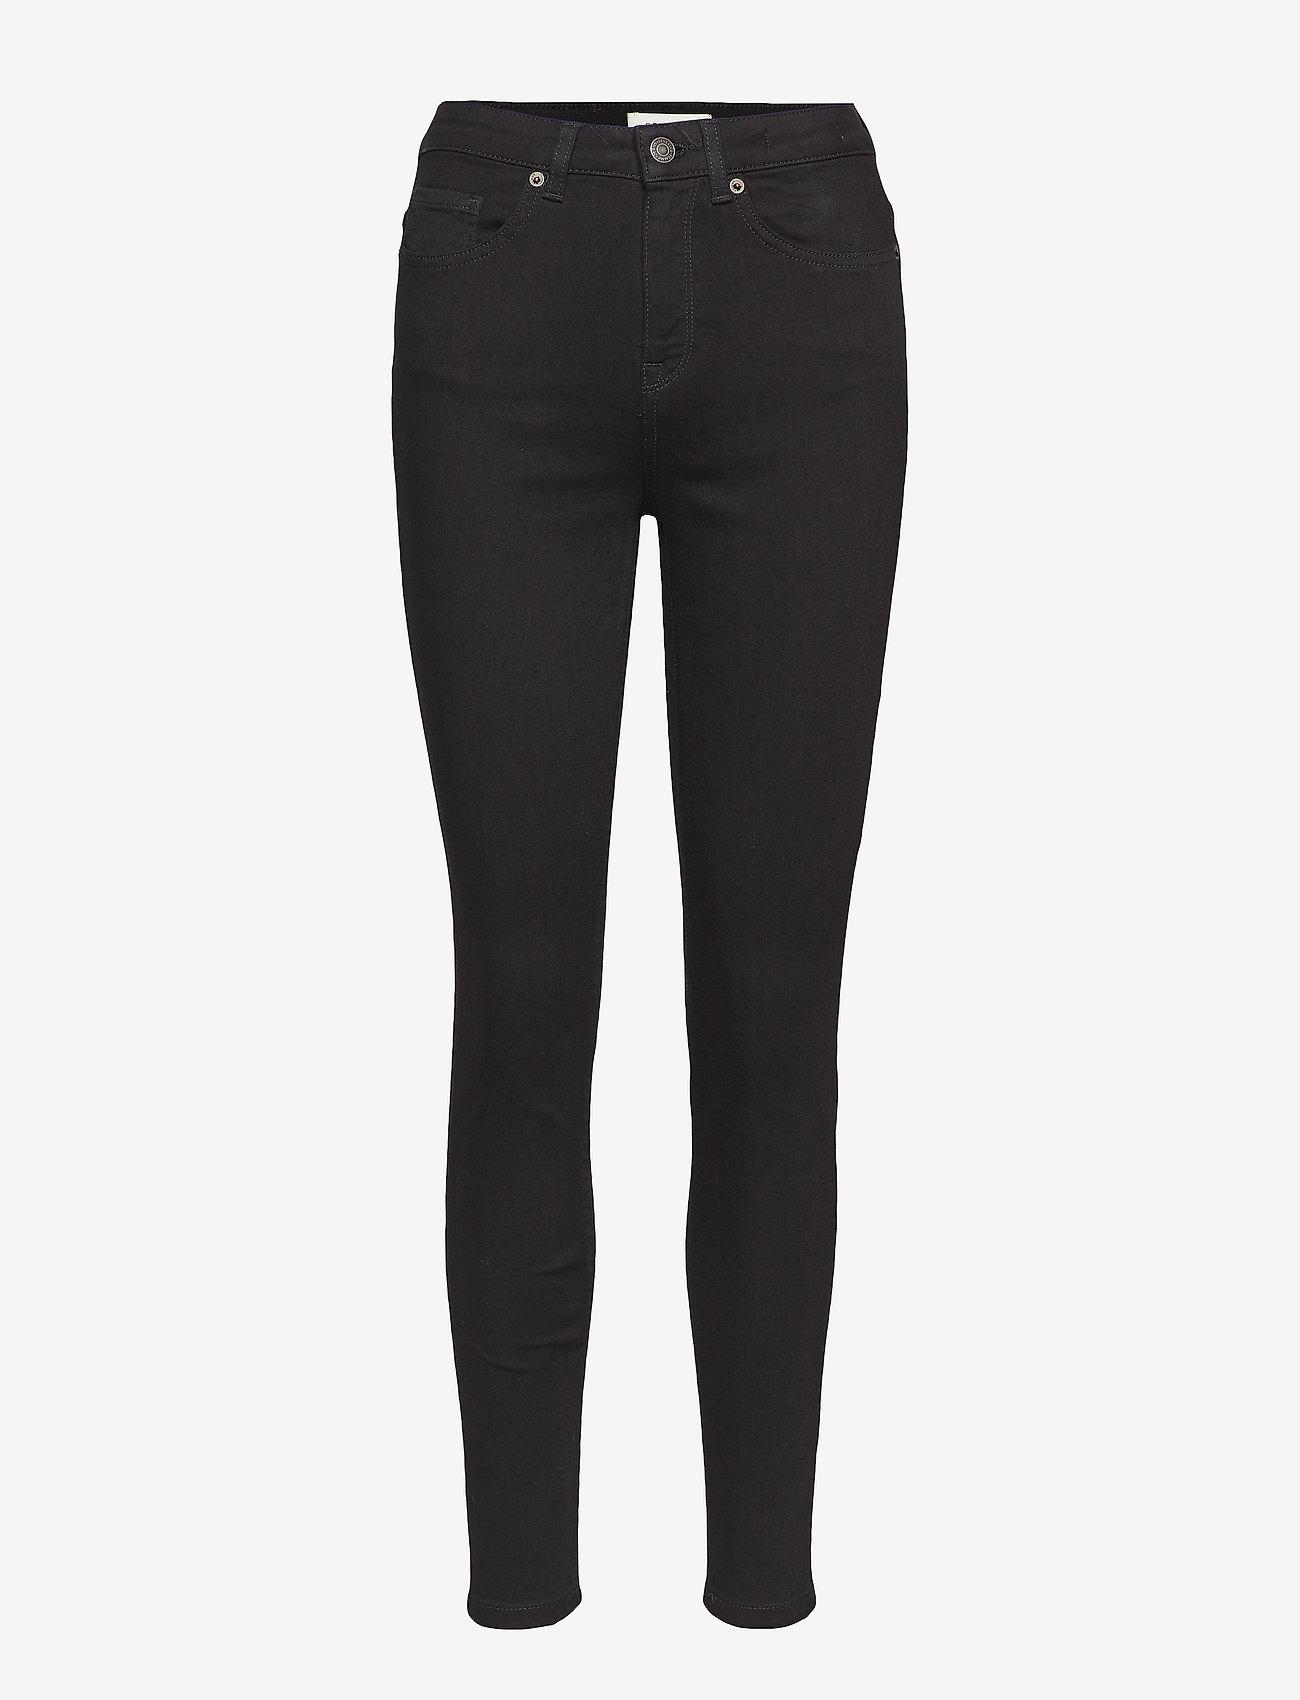 Selected Femme - SLFMAGGIE HW SKINNY BLACK JEANS W NOOS - spodnie rurki - black denim - 0